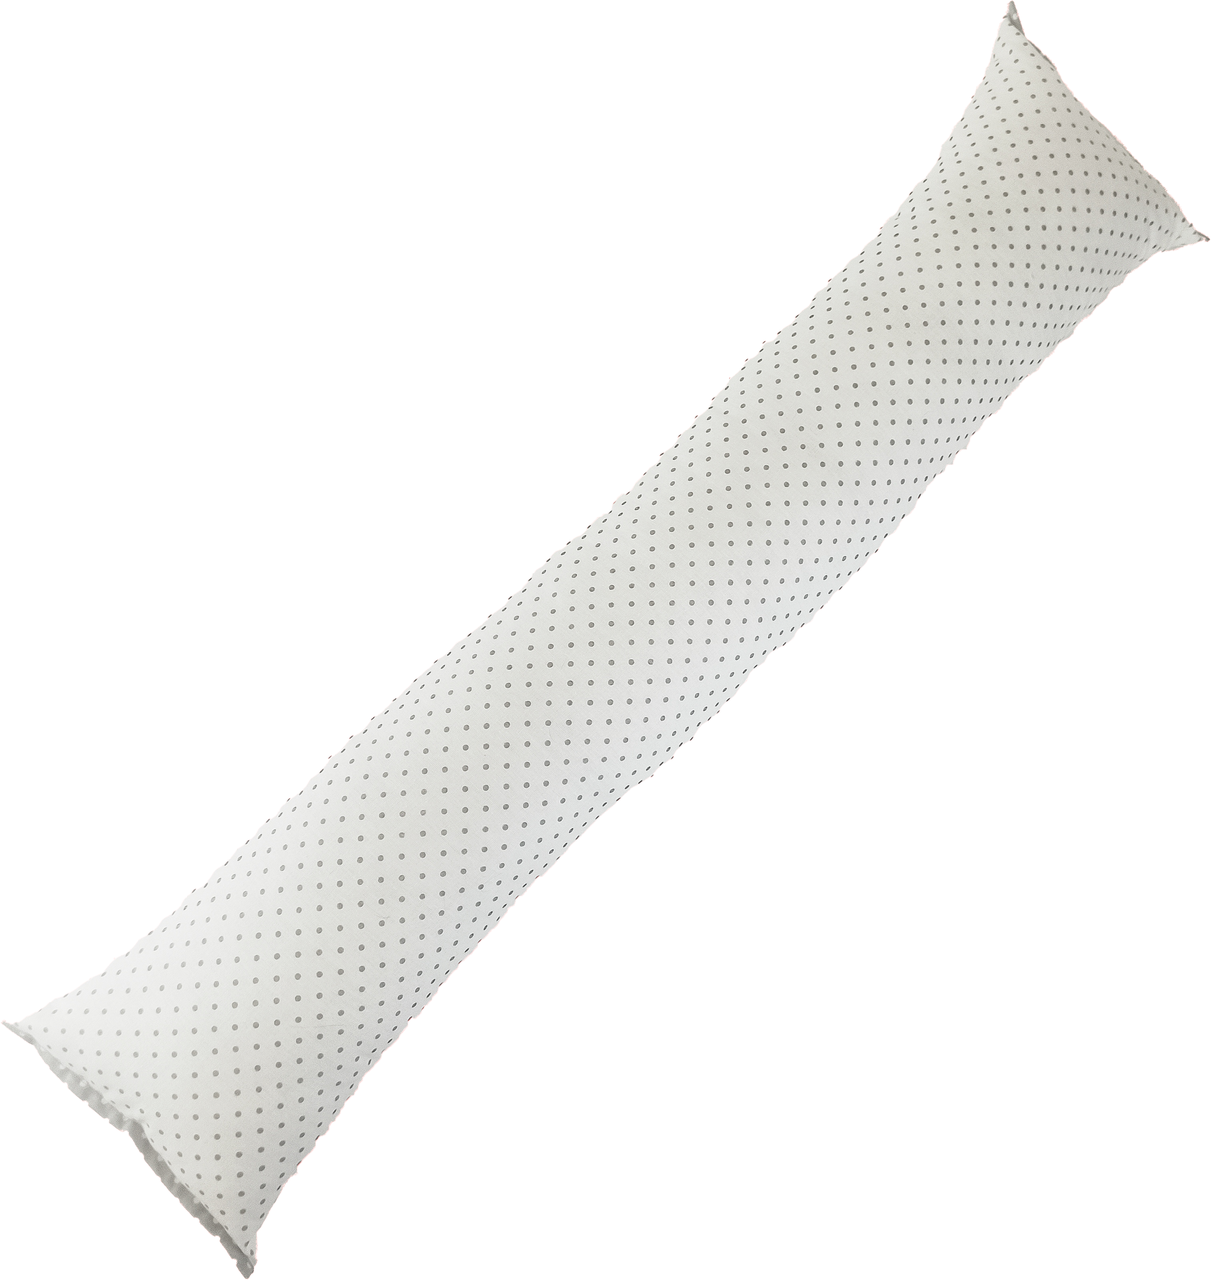 Подушка/обнимашка от сквозняков 90*15 см, (хлопок) (горошек серый на белом)